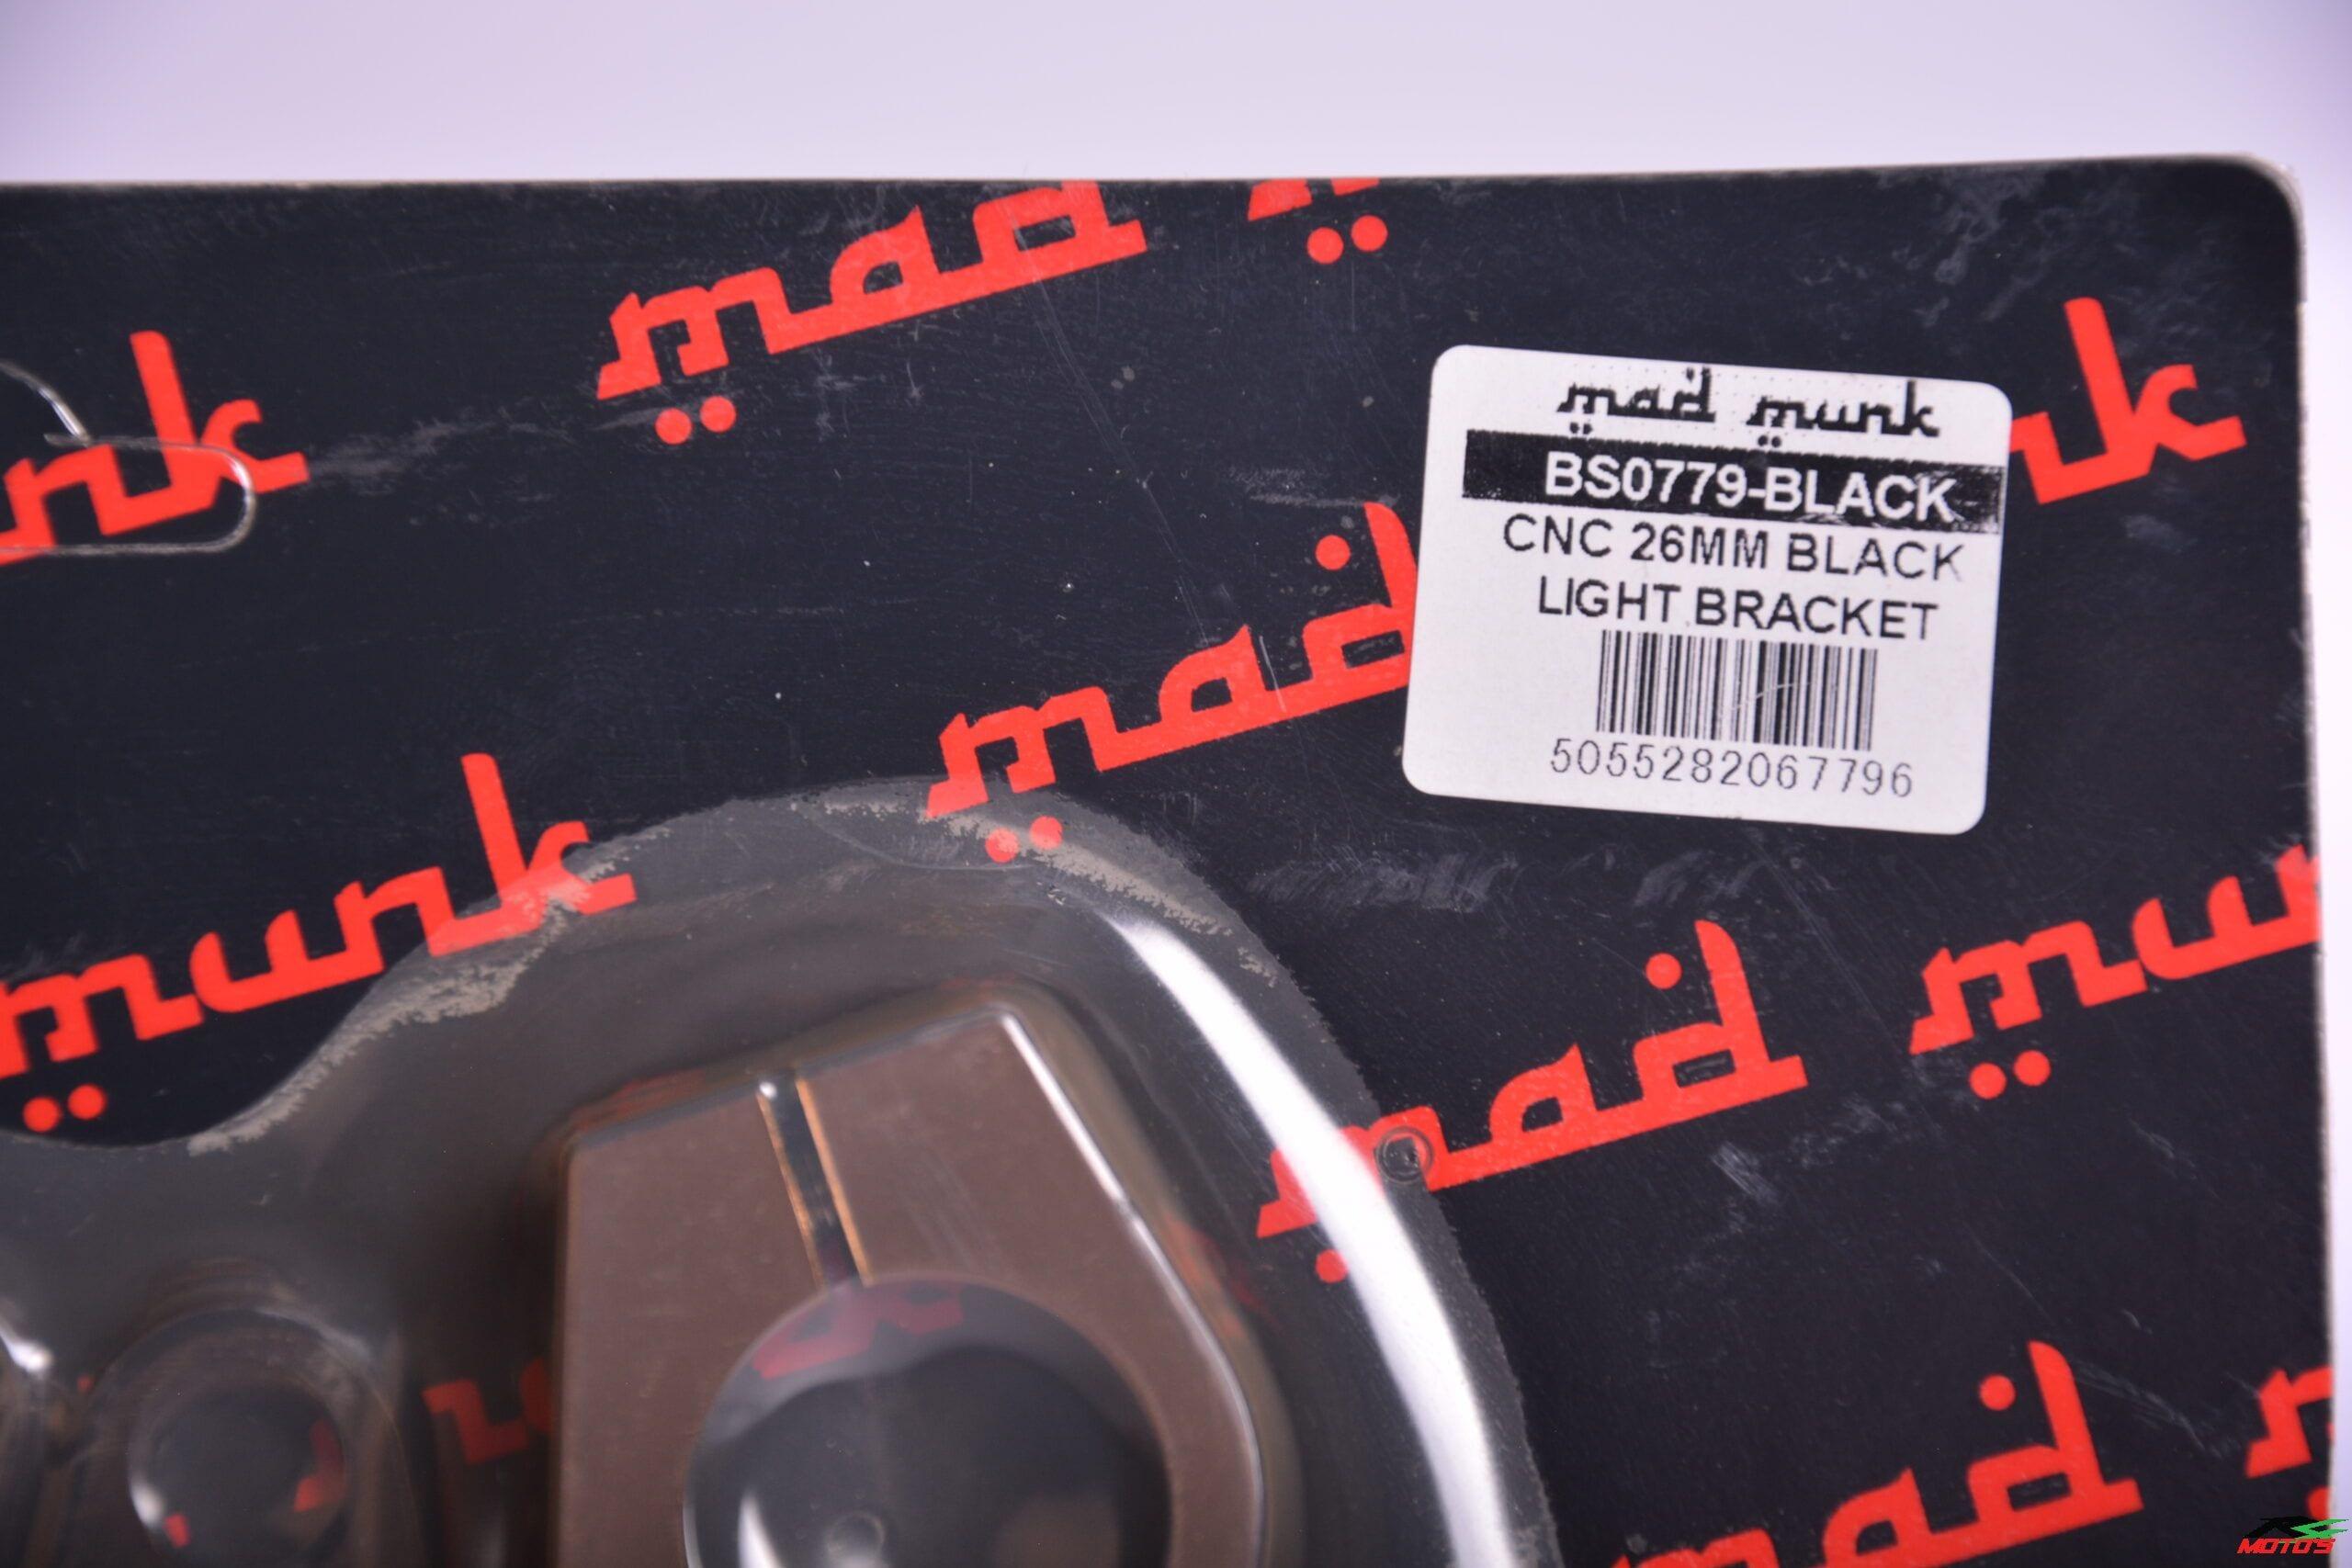 Alloy CNC 26mm light brackets - BS0779